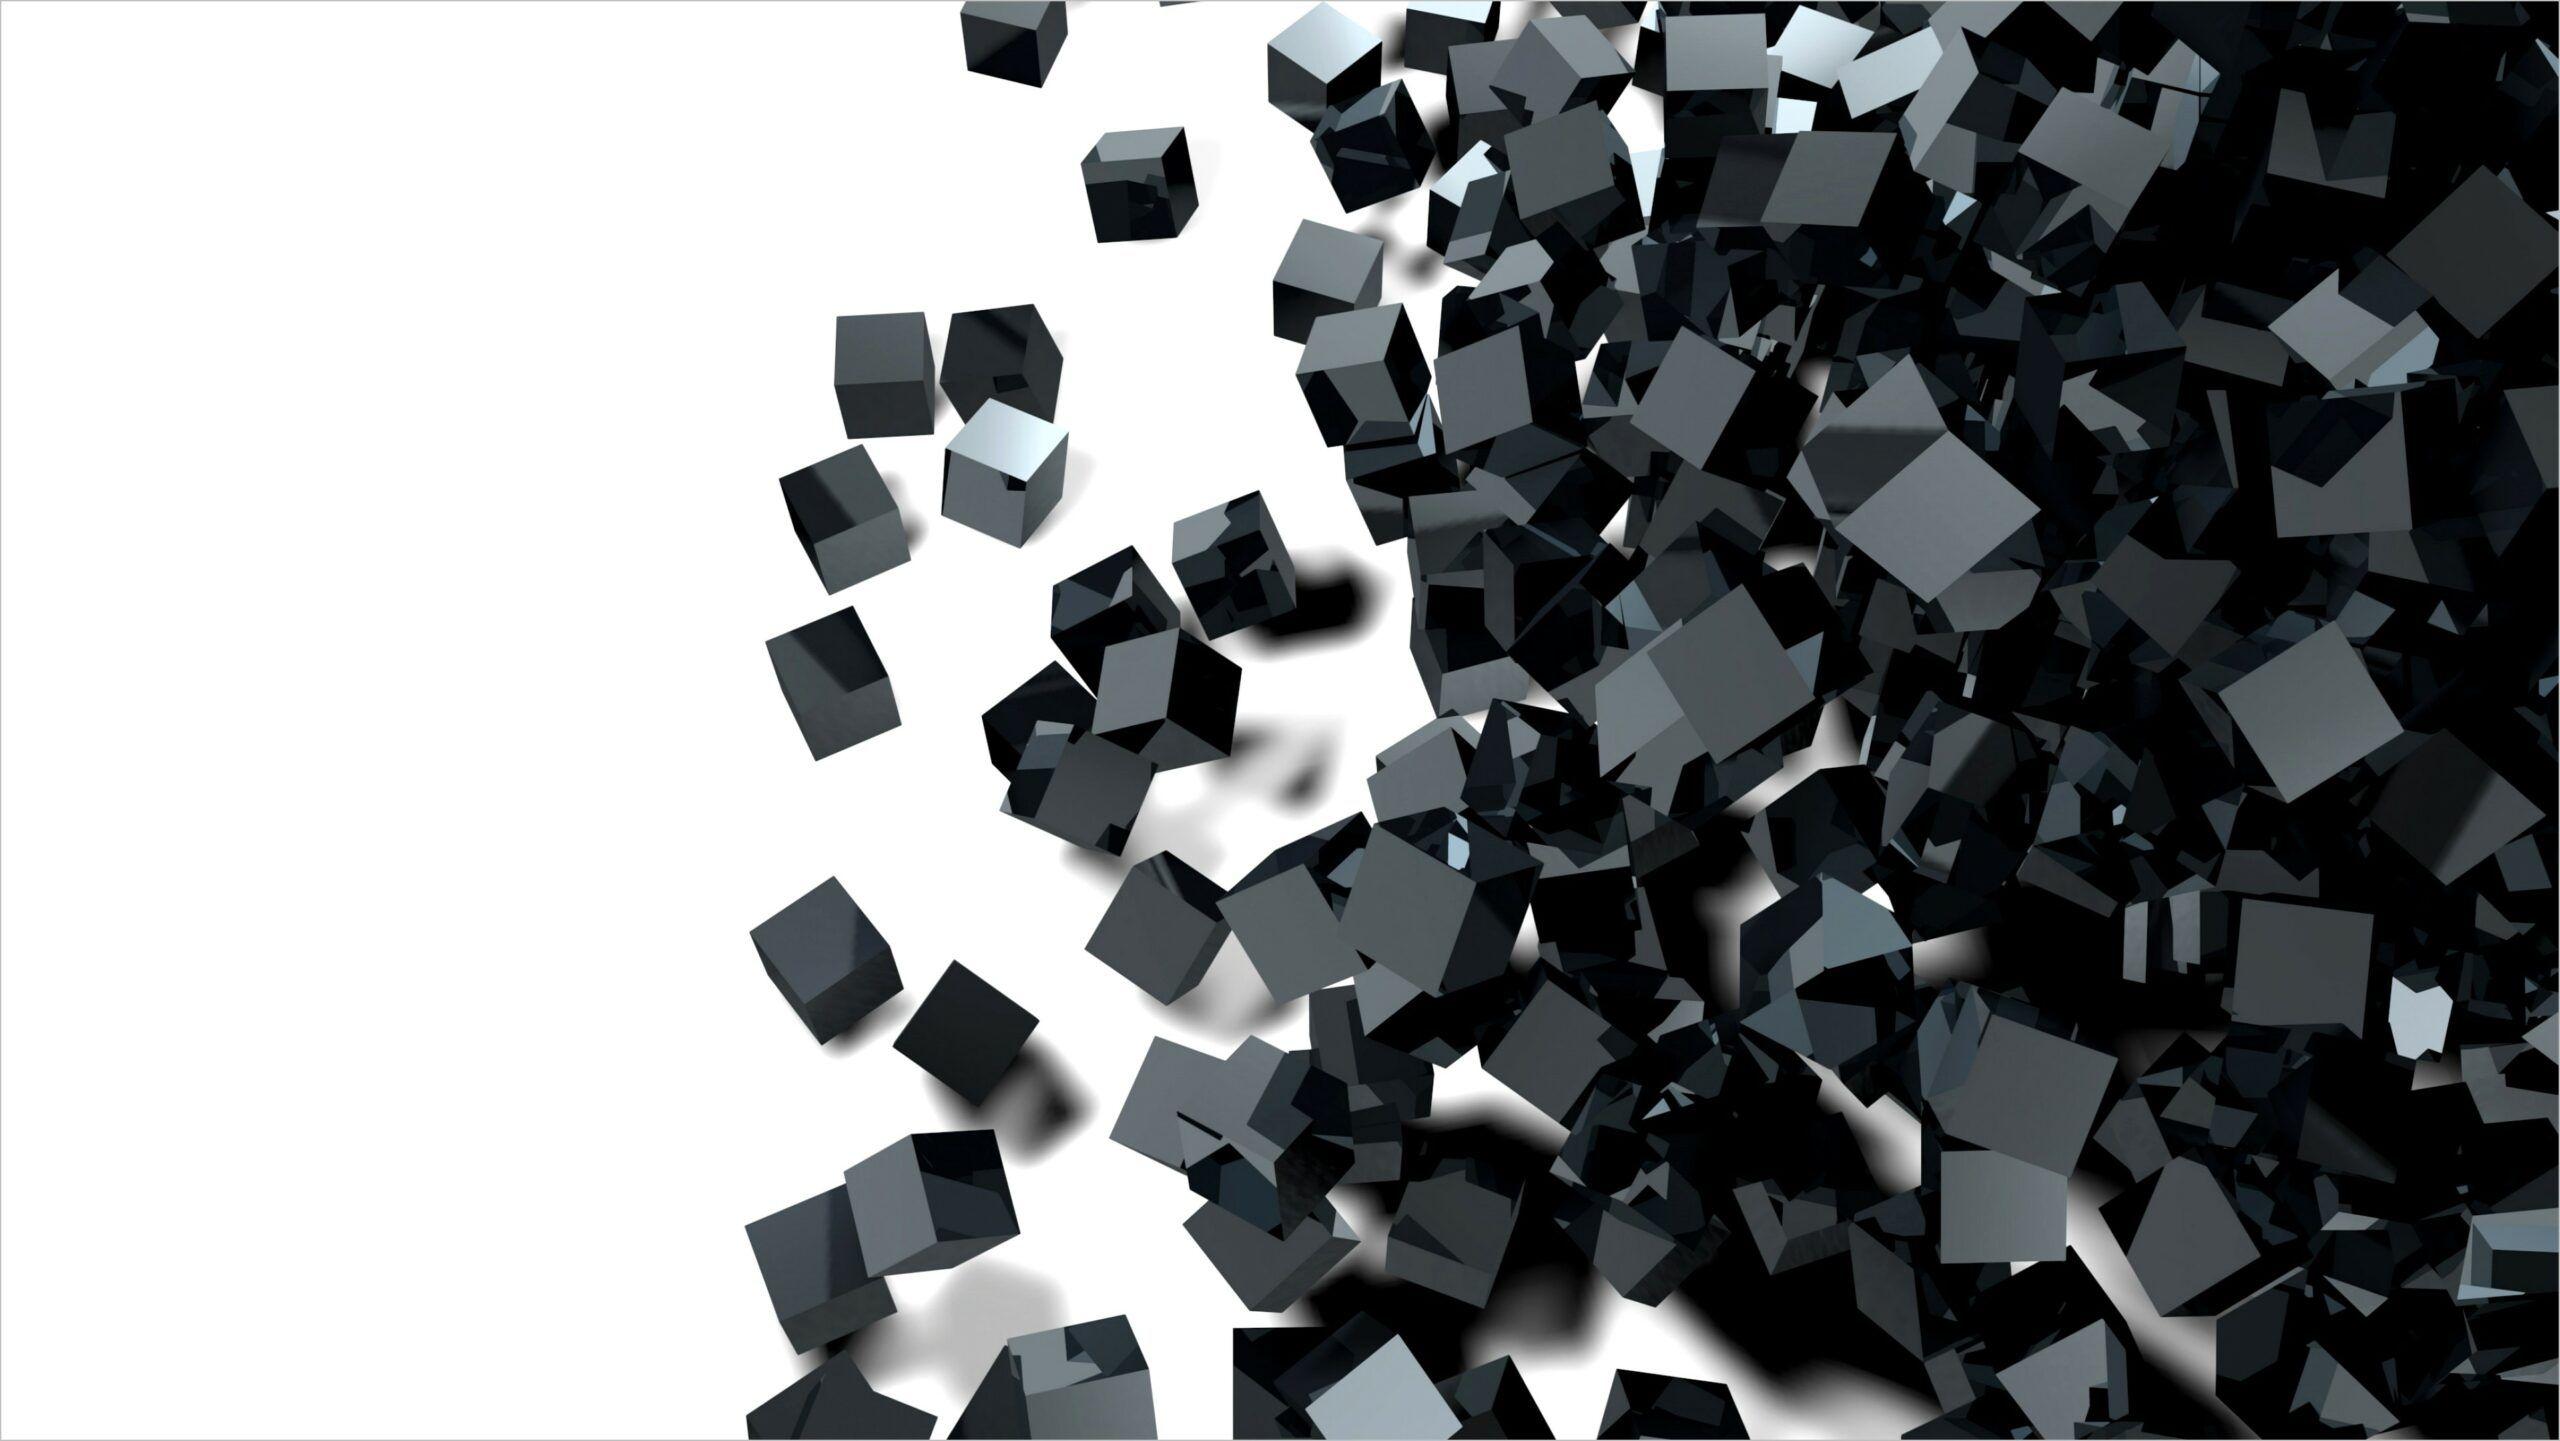 Black 3d 4k Wallpaper In 2020 White Background Wallpaper Black Background Wallpaper Free Wallpaper Backgrounds